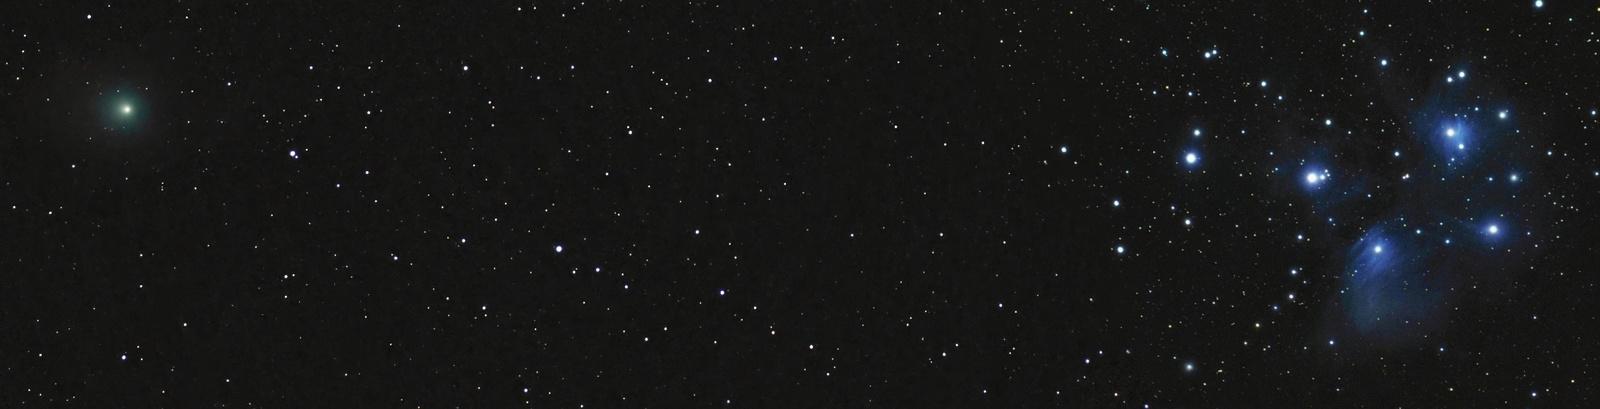 46P_Wirtanen_M45.jpg